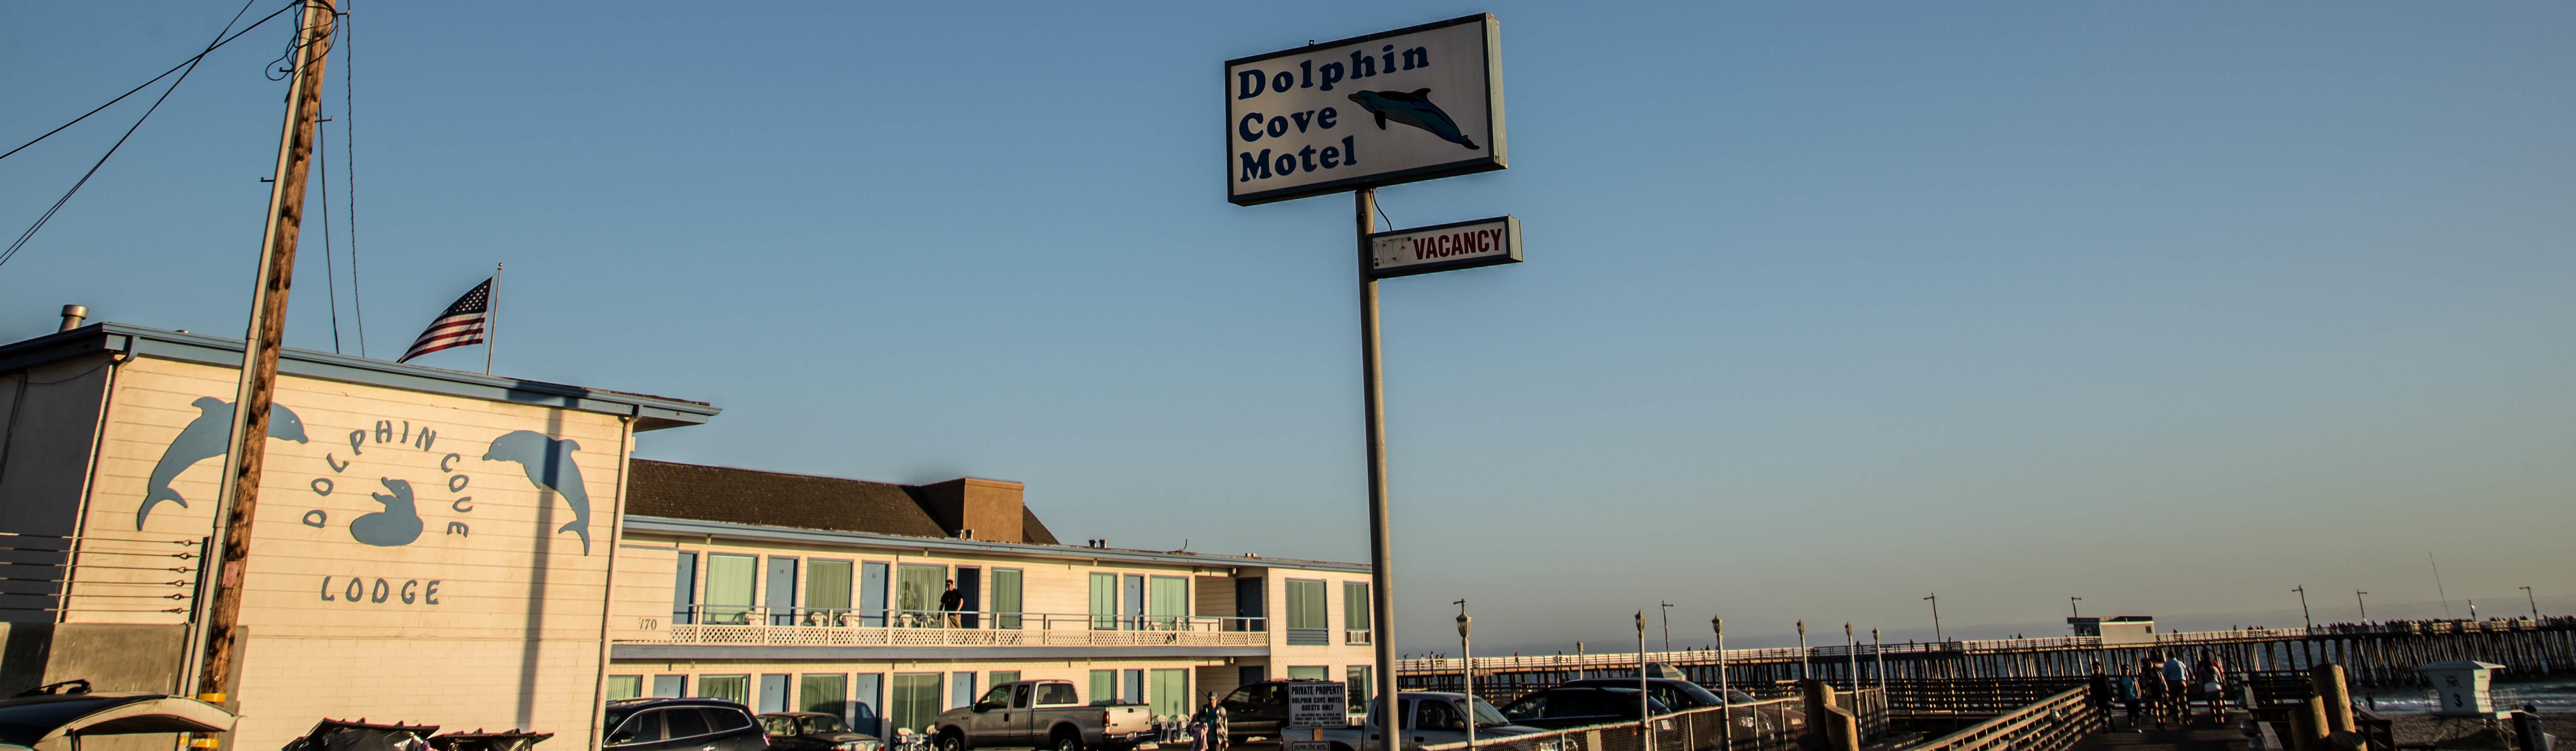 Dolphin Cove Motel - Pismo Beach, CA